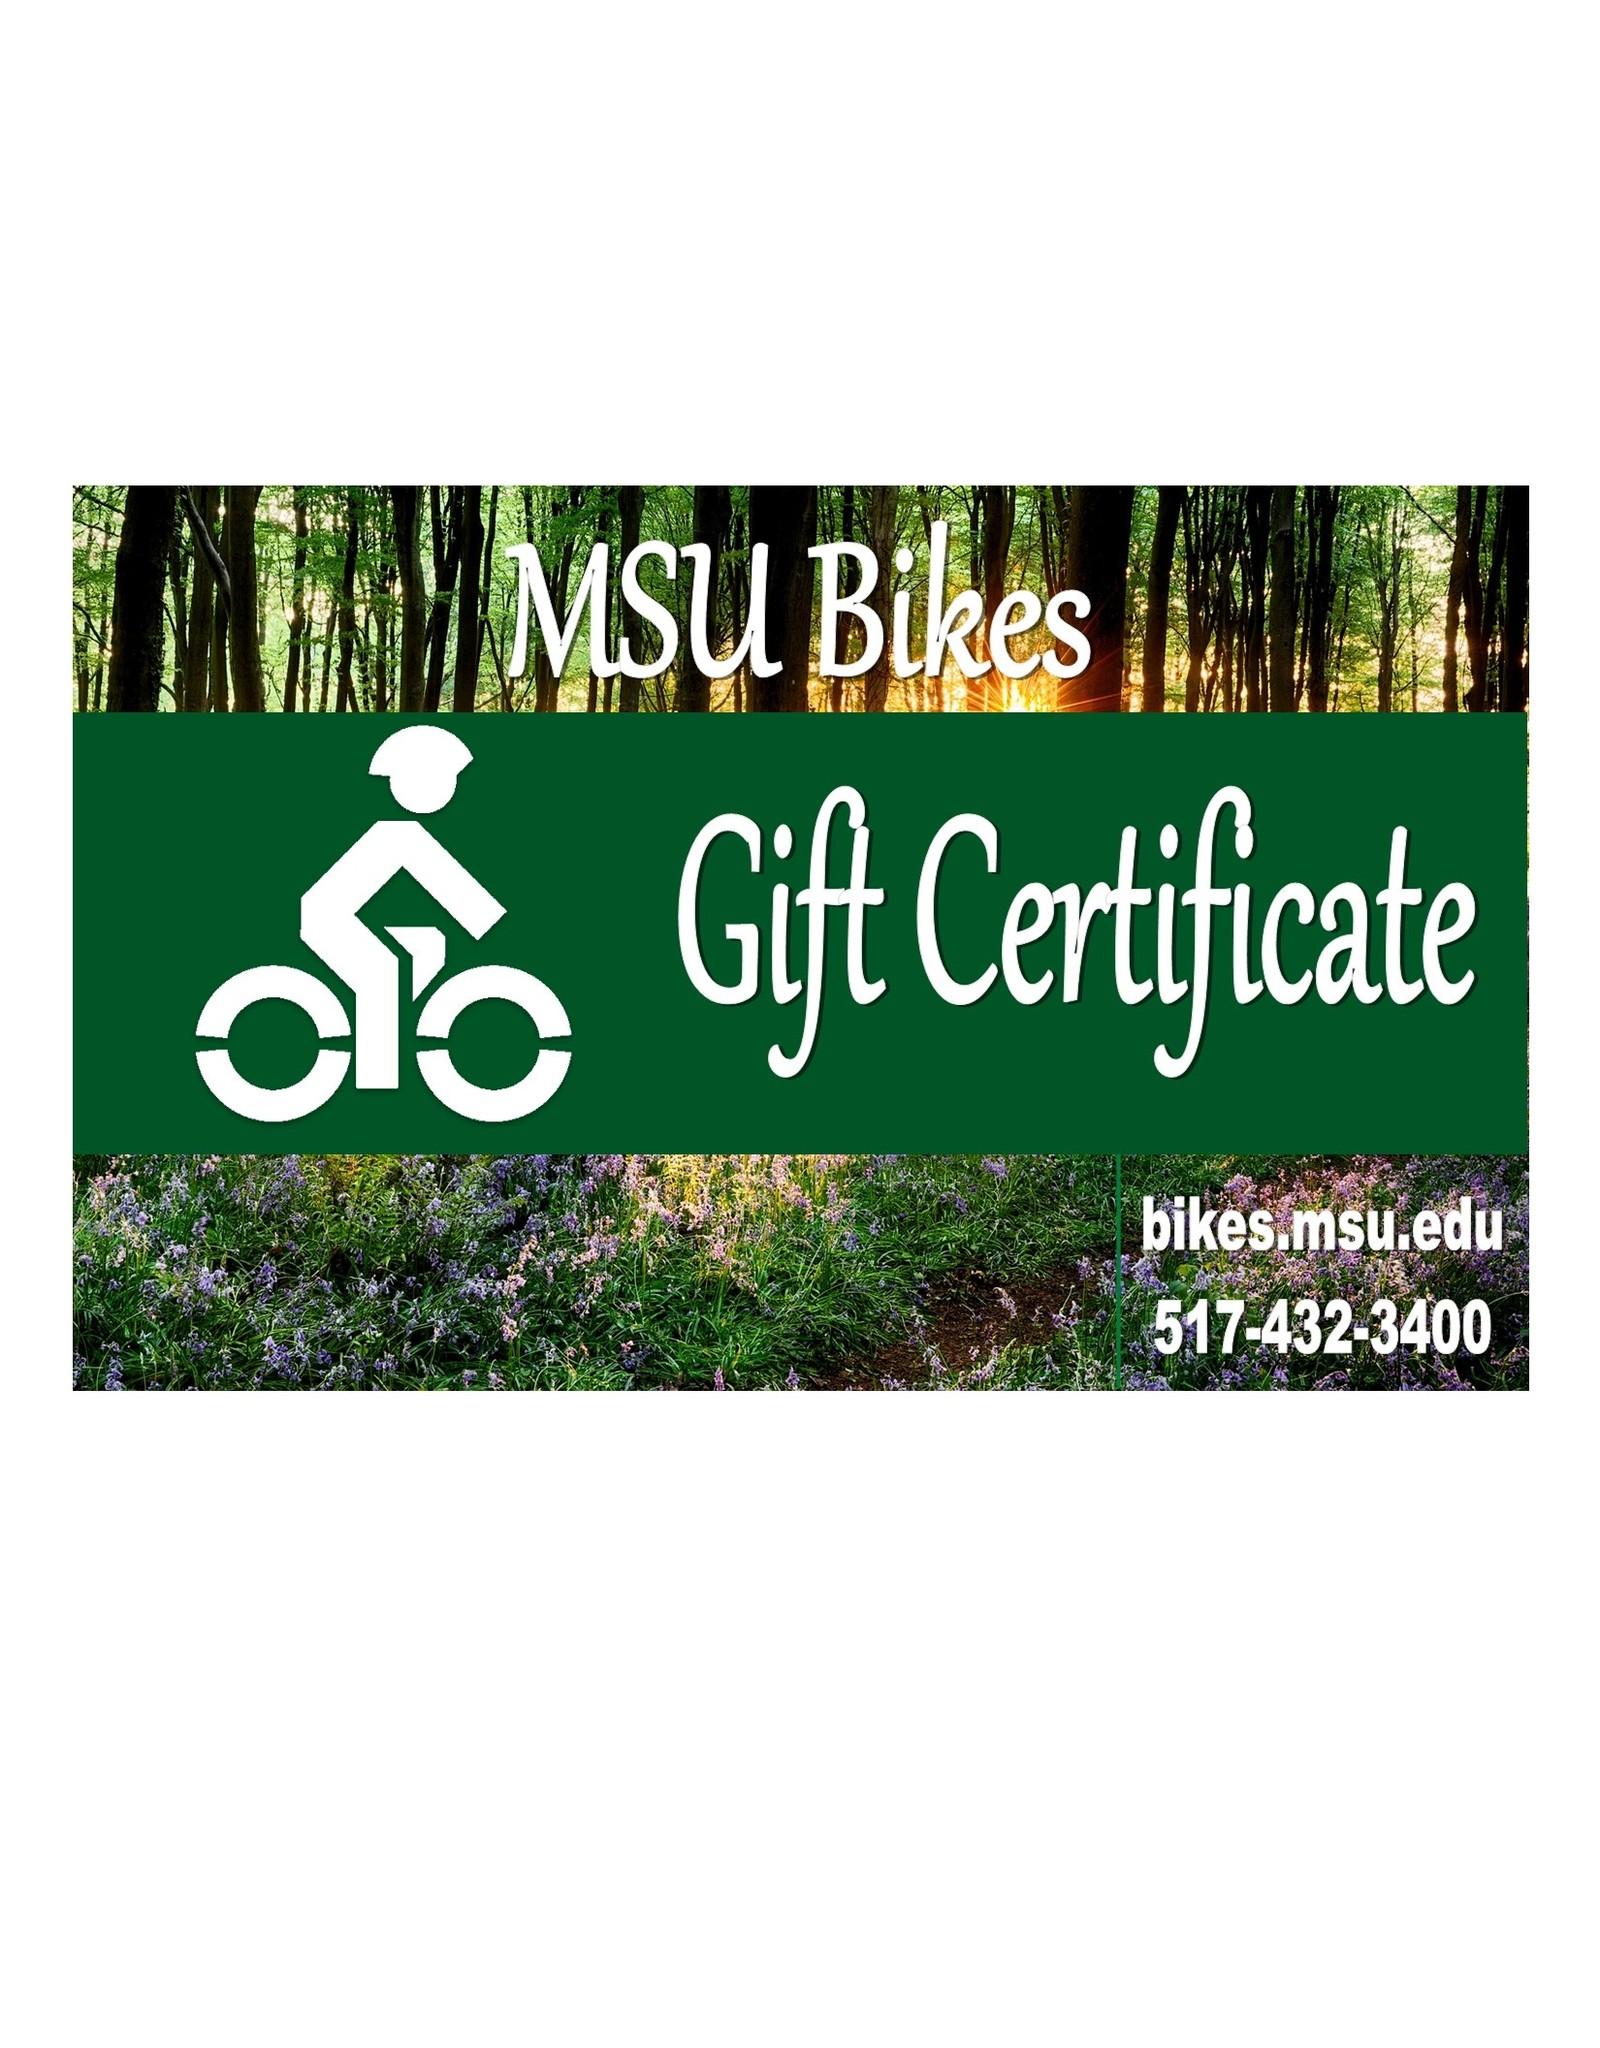 MSU Bikes' Gift Card $100